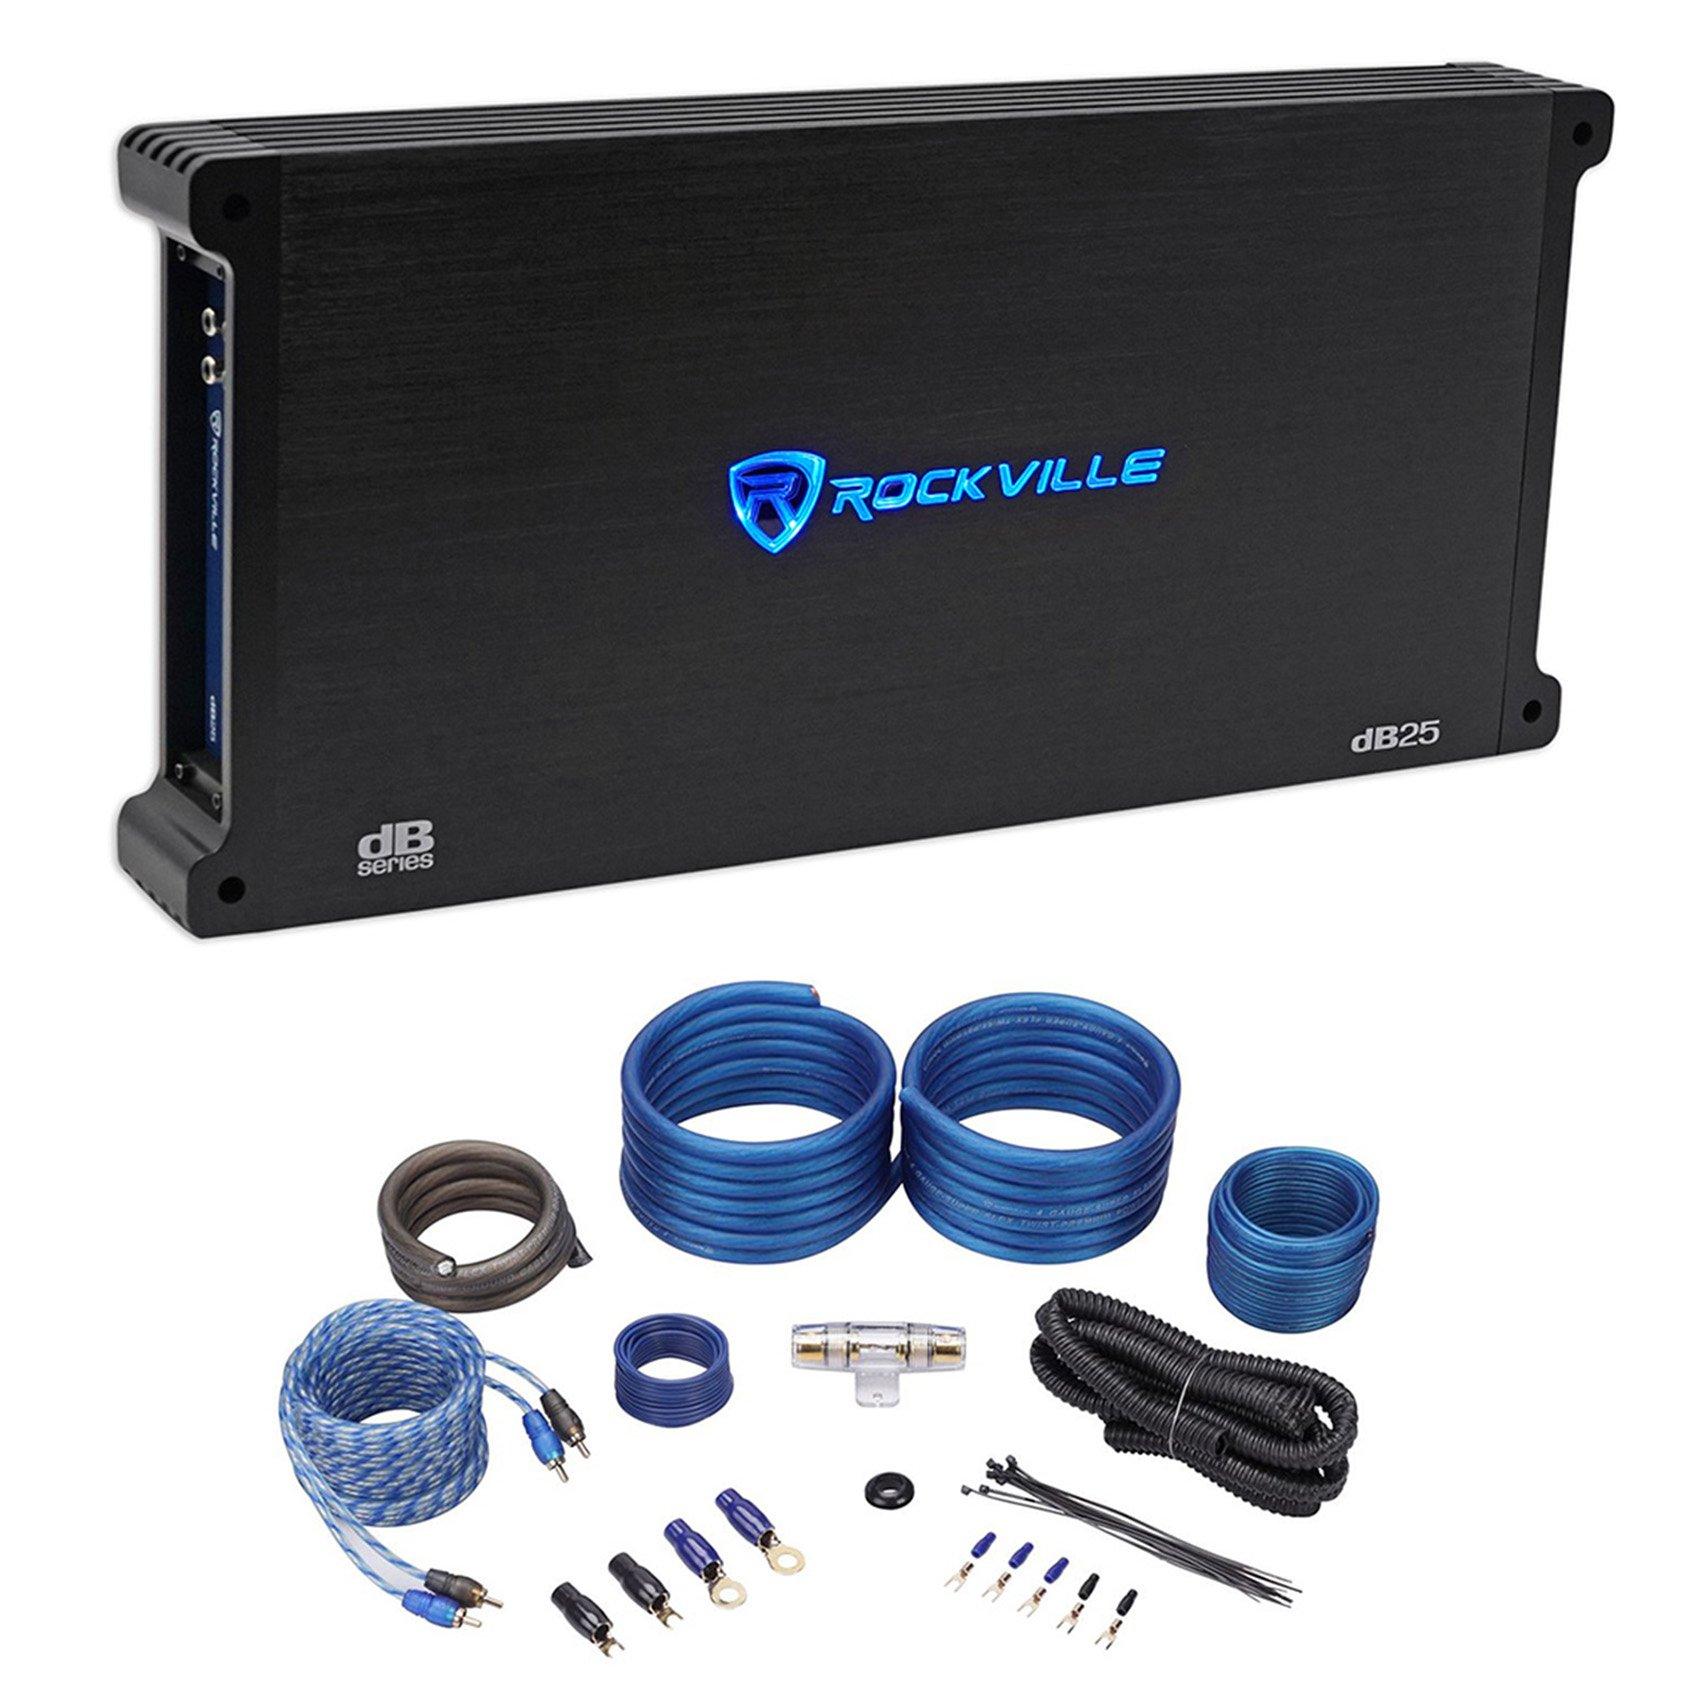 Rockville dB25 2800w Compliant Amplifier